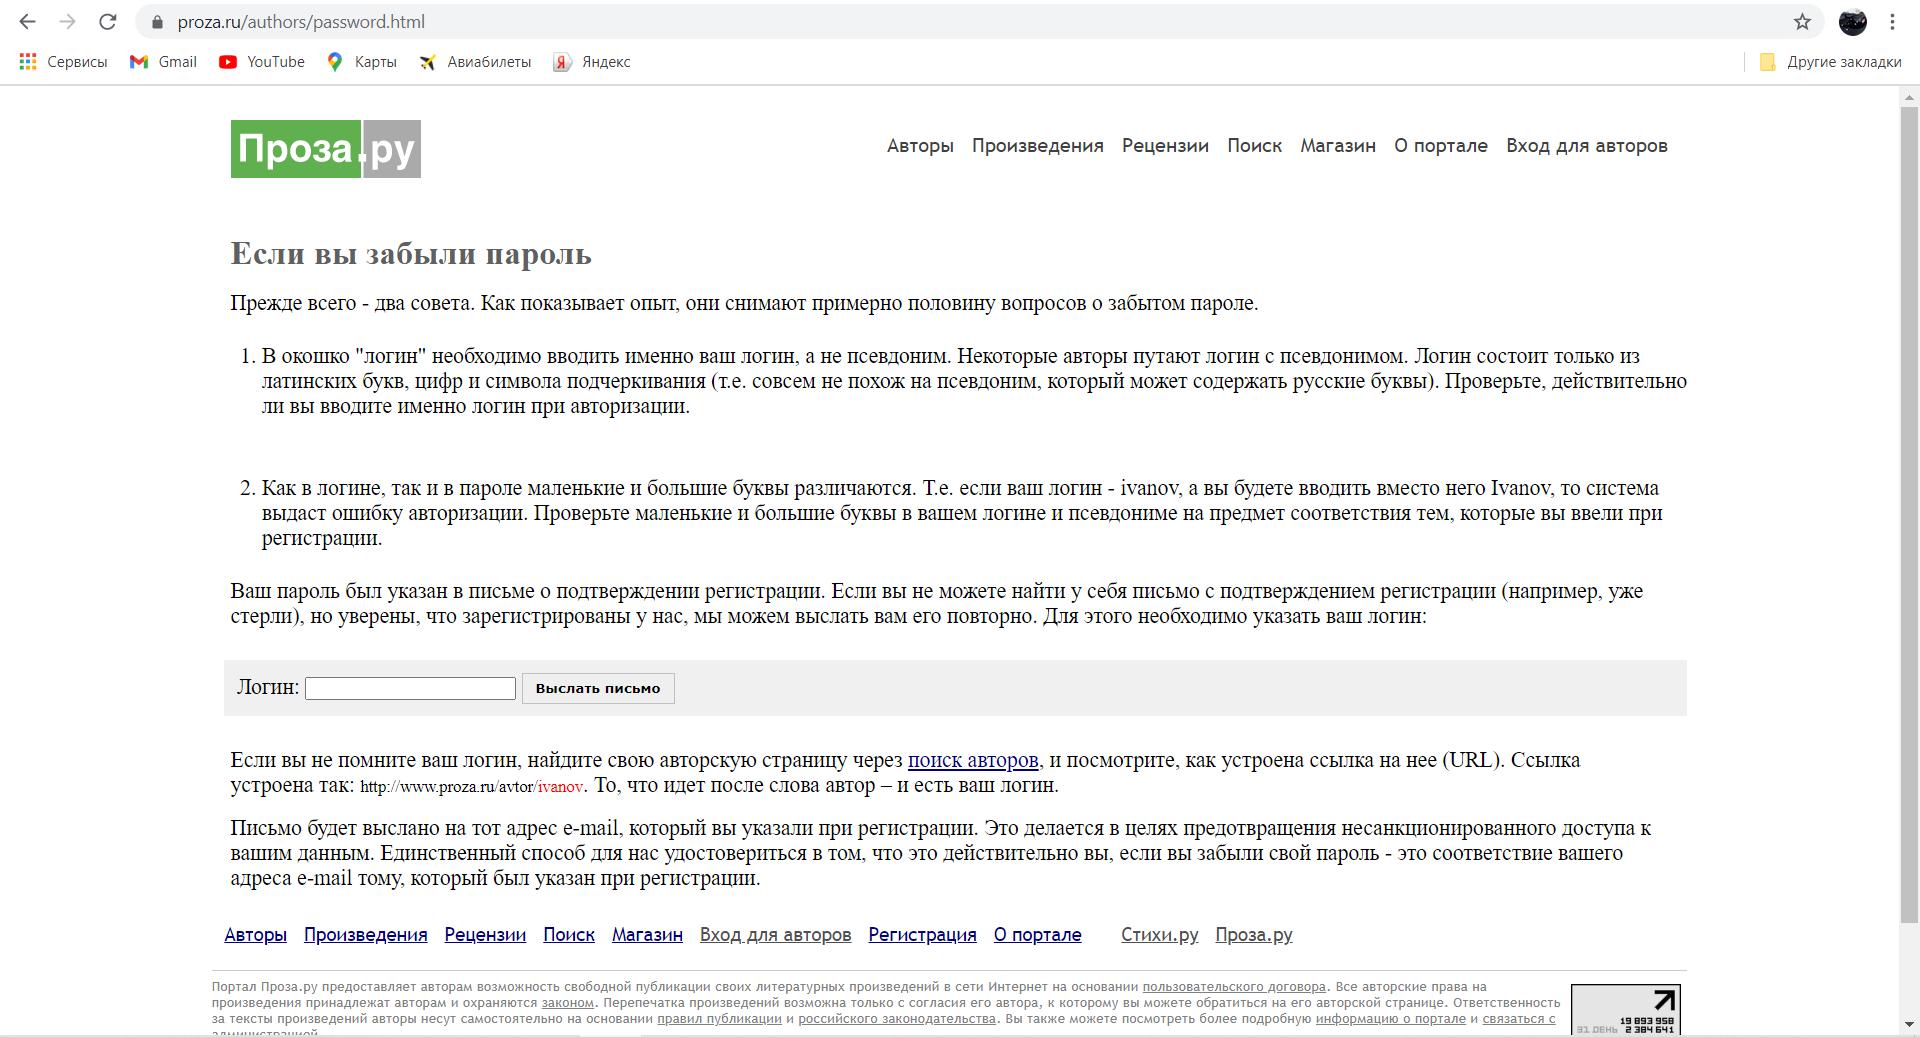 восстановление пароля от proza.ru